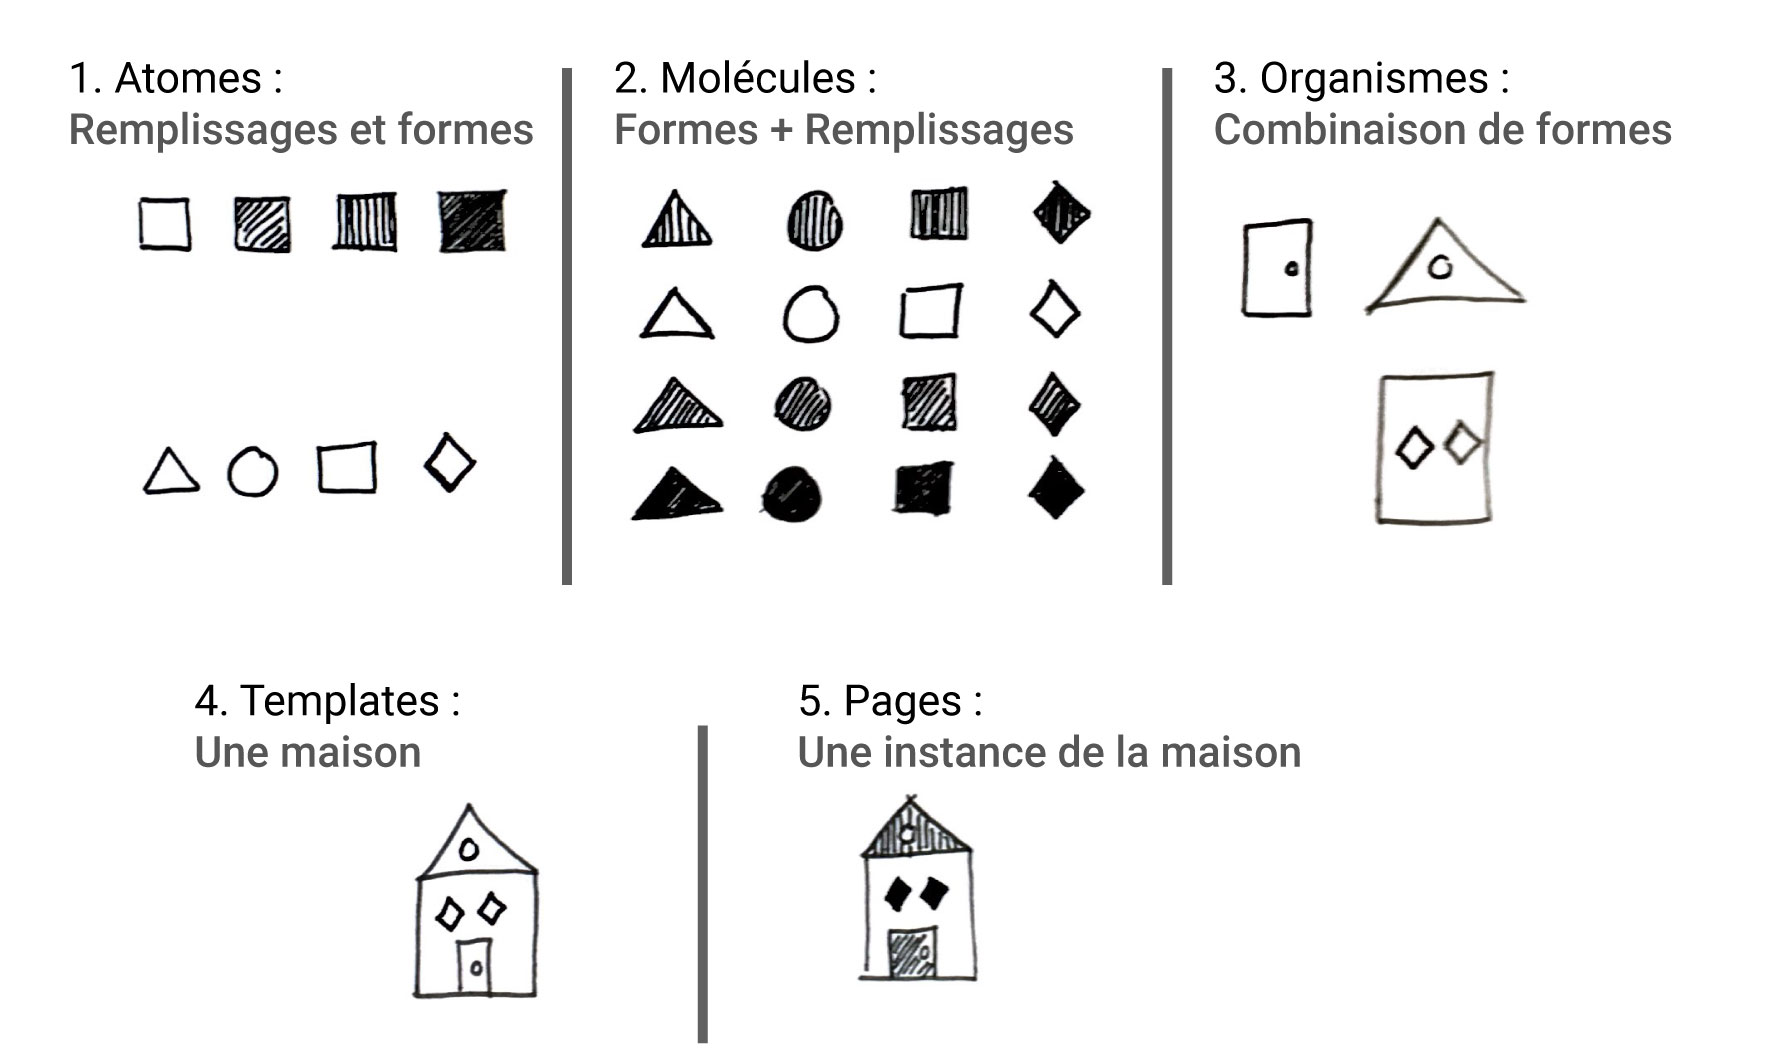 Un bon exercice pour s'adapter aux étapes de l'atomic design, facile à réutiliser pour expliquer aux gens comment cette conception fonctionne sans entrer dans les détails techniques. Un jeu d'enfant !